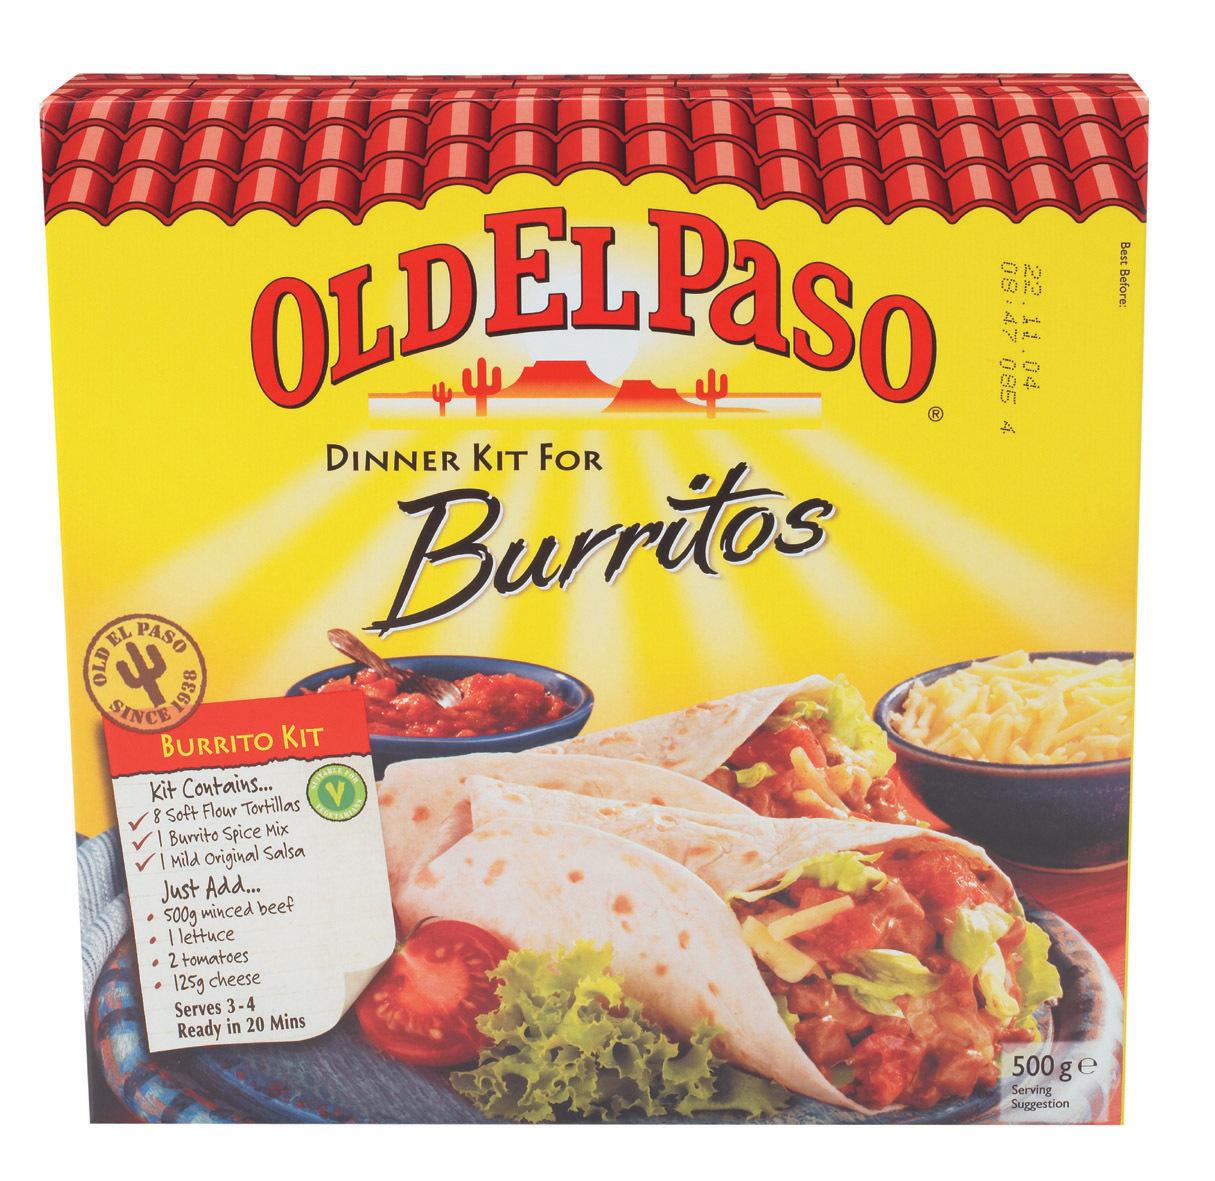 Old El Paso Mexican Food Photo 2115983 Fanpop